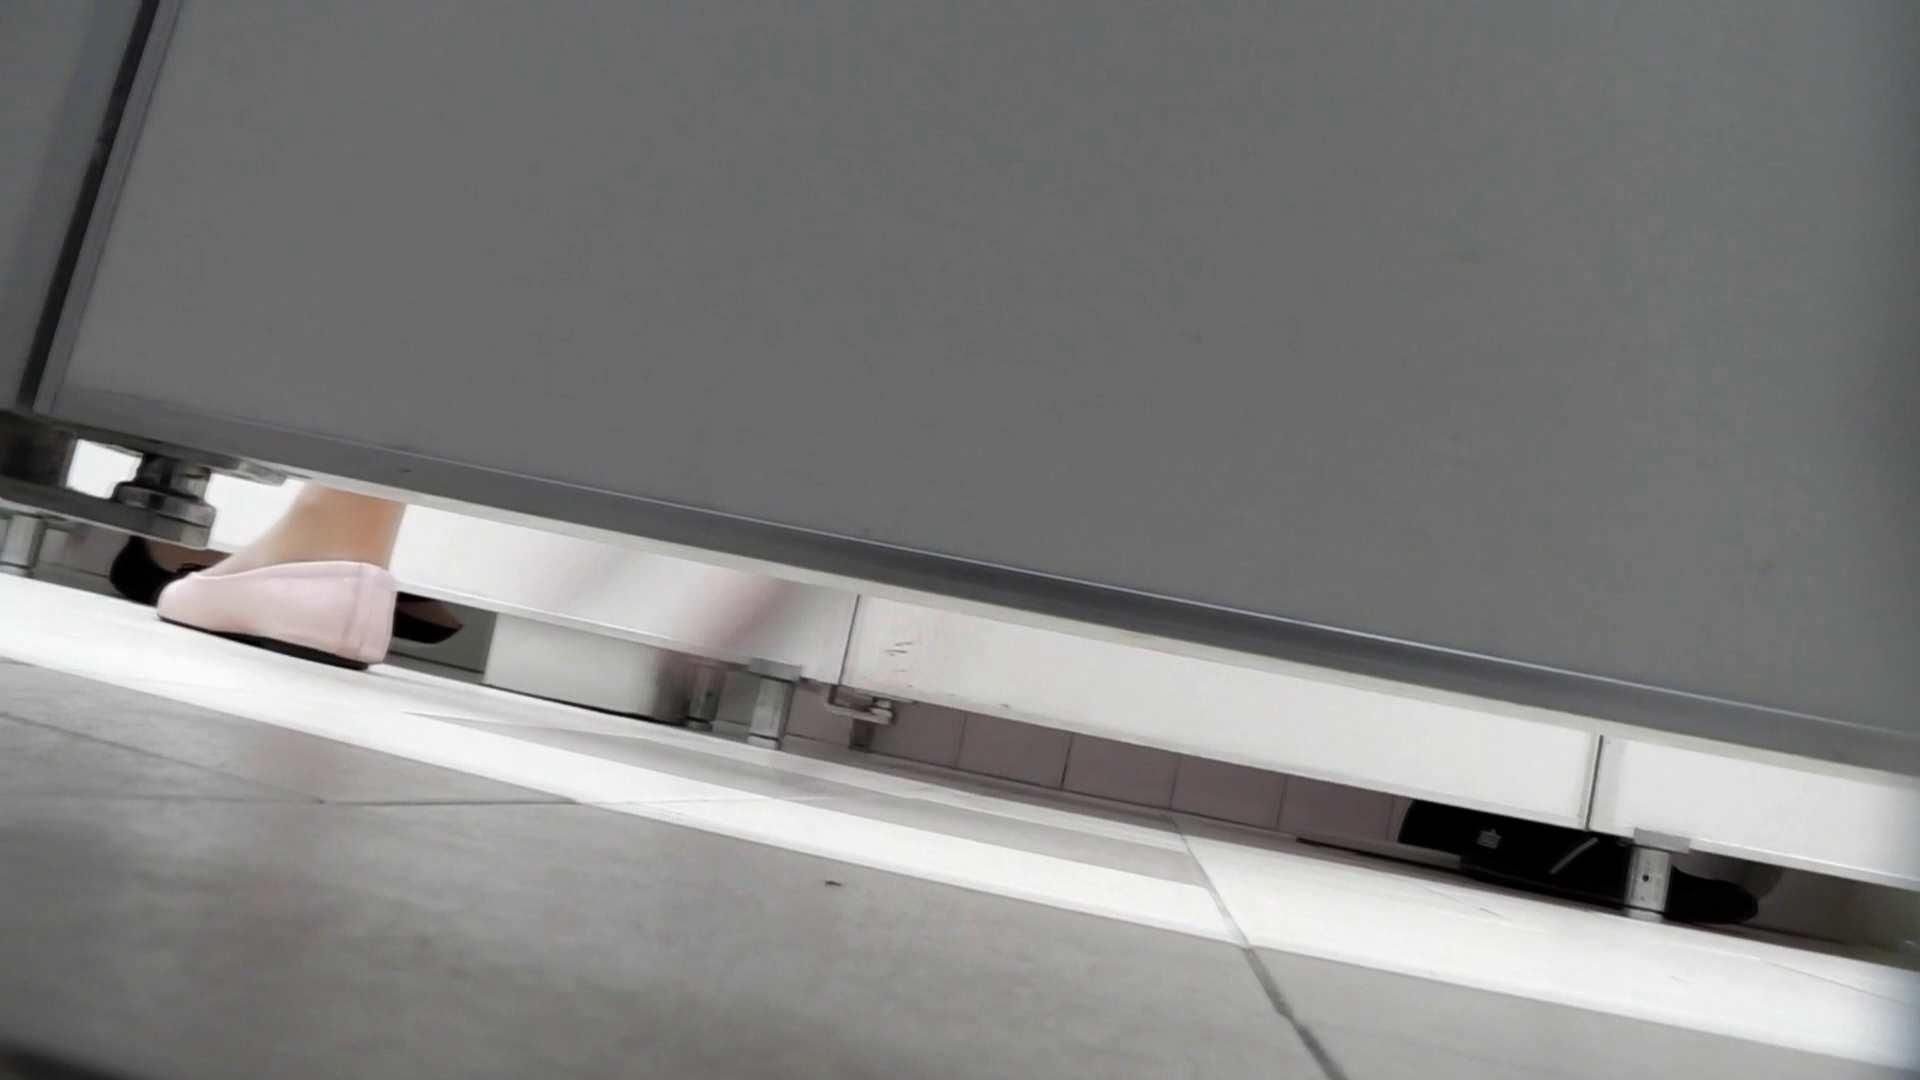 美しい日本の未来 No.06 更に侵入【2015・30位】 ギャル盗撮映像 ワレメ動画紹介 101PIX 54